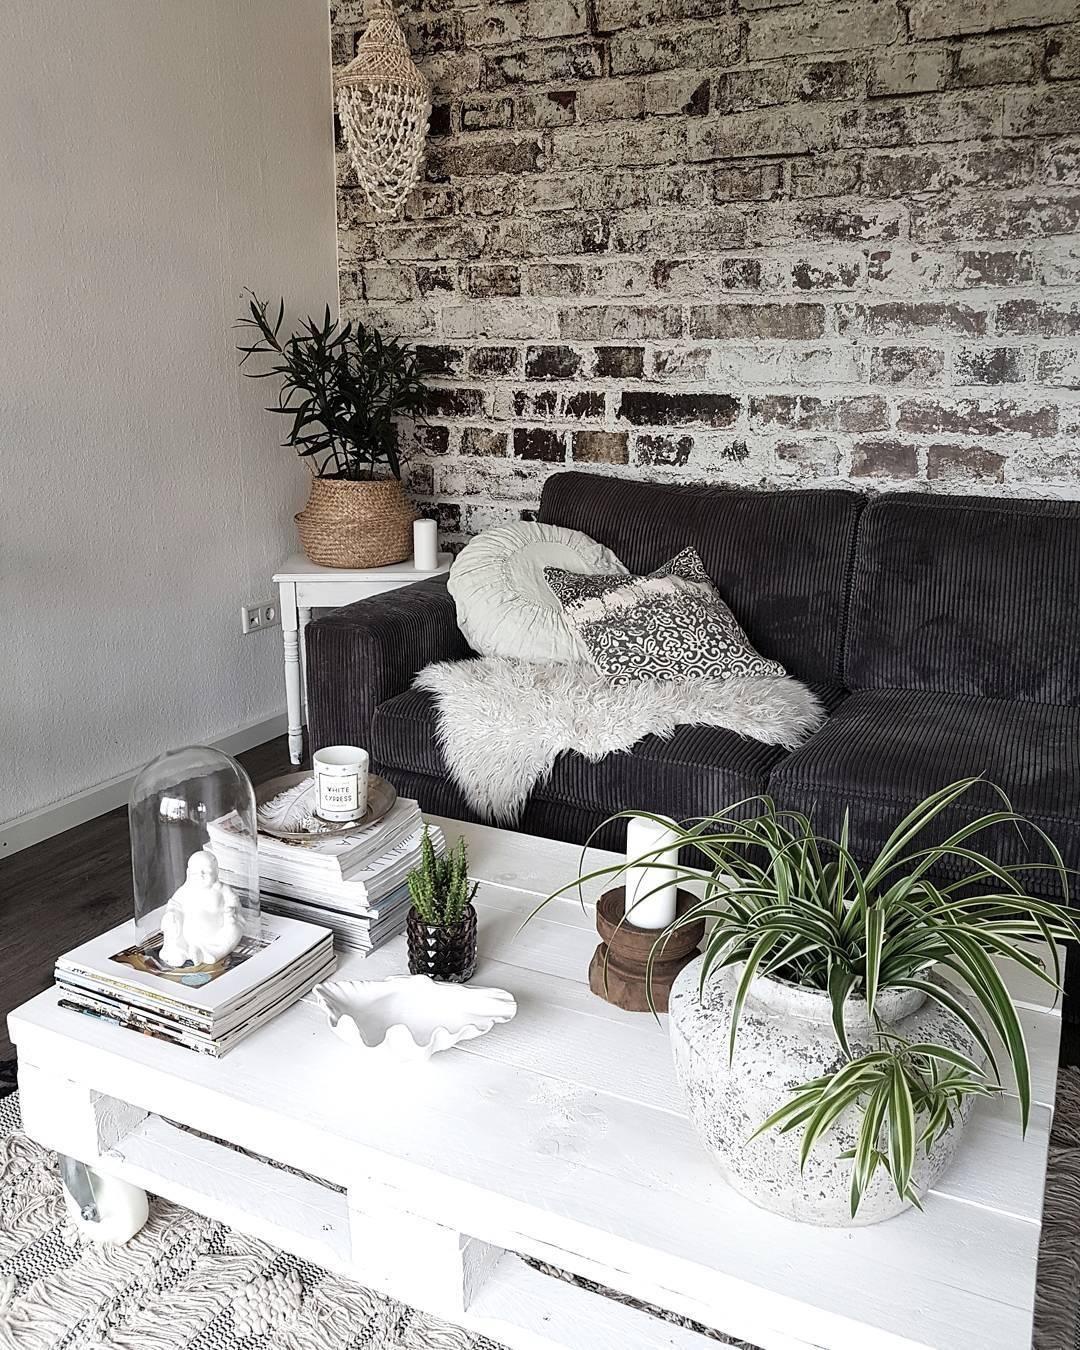 gedeckte farben kombiniert mit nat rlichen akzenten pflanzen helle dekoration kuschelige. Black Bedroom Furniture Sets. Home Design Ideas